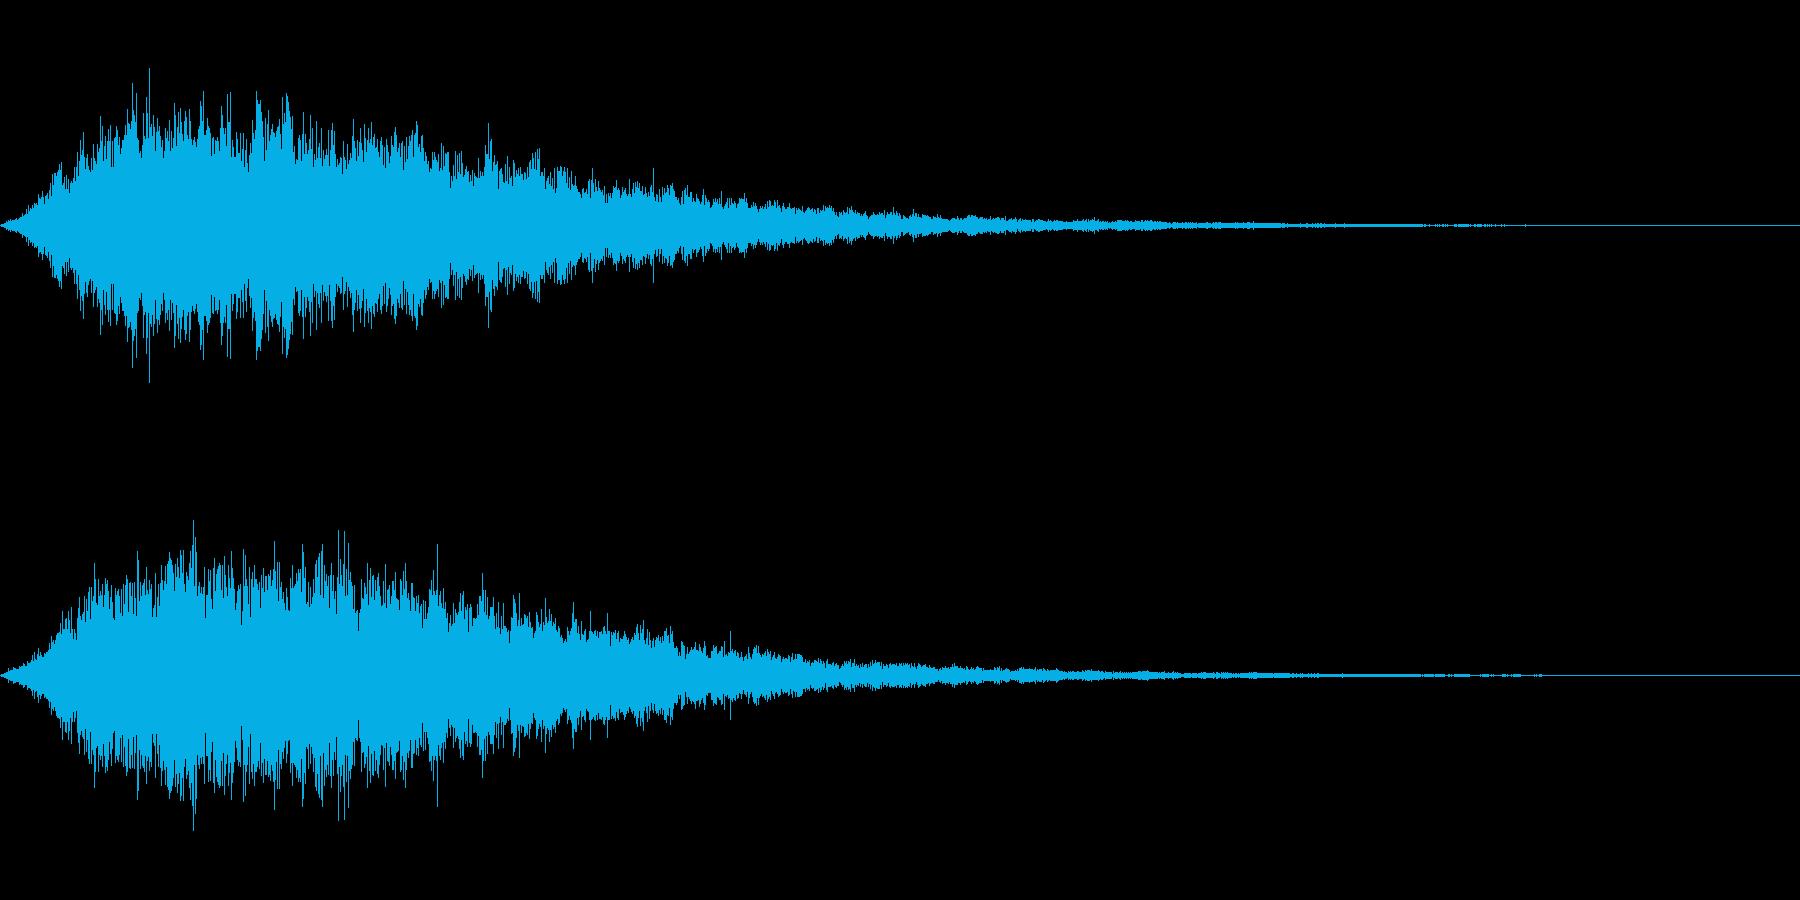 シュワーン(神聖なシンセパッド)の再生済みの波形